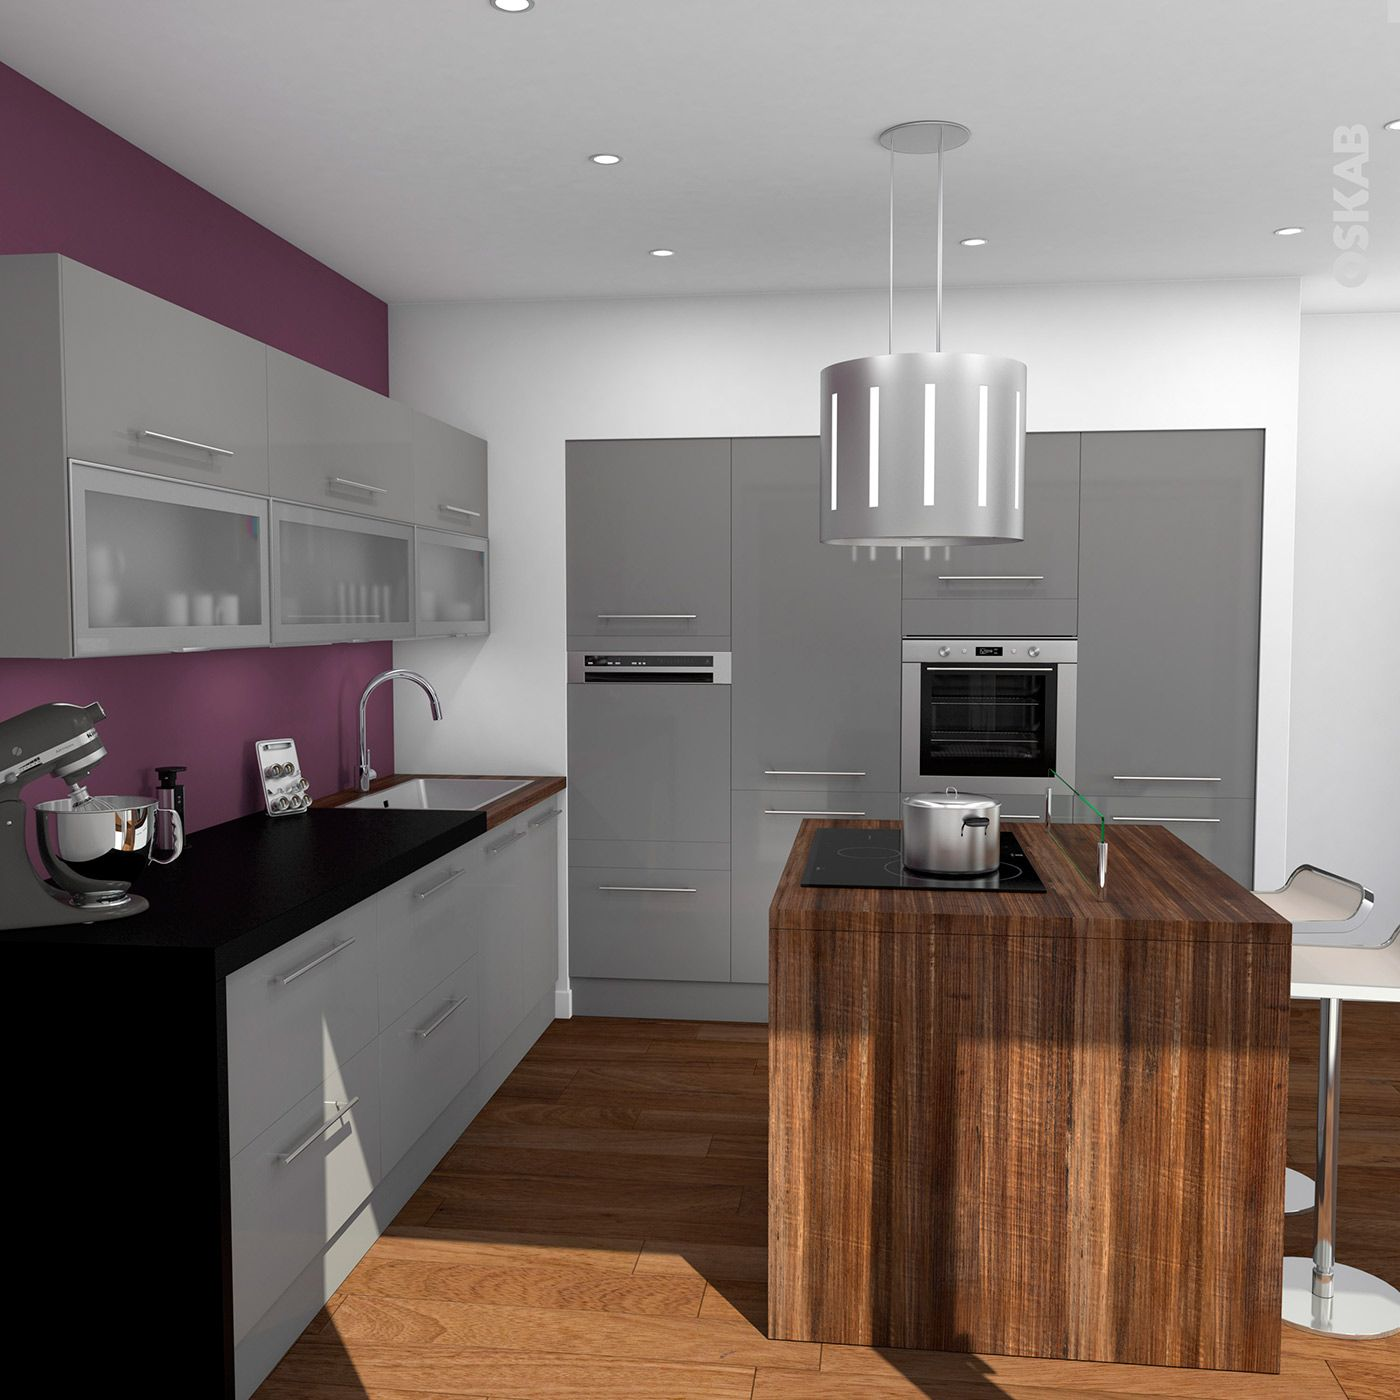 cuisine gris anthracite finition brillante design rustique plan de travail dcor chne vieilli et noir - Cuisine Grise Et Plan De Travail Noir